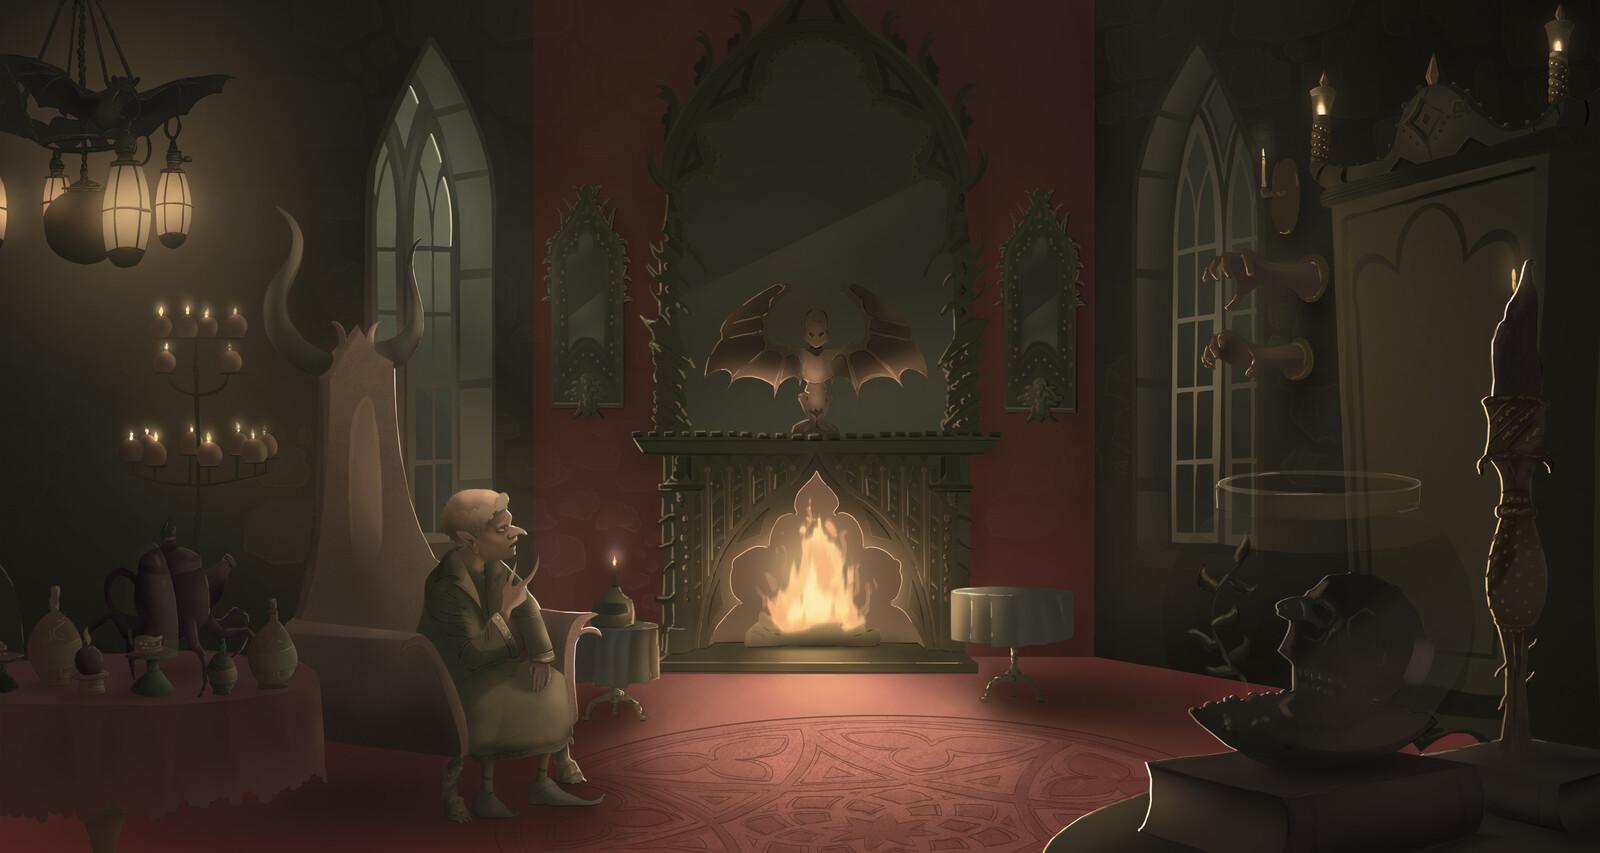 Rumpelstiltskin's living room